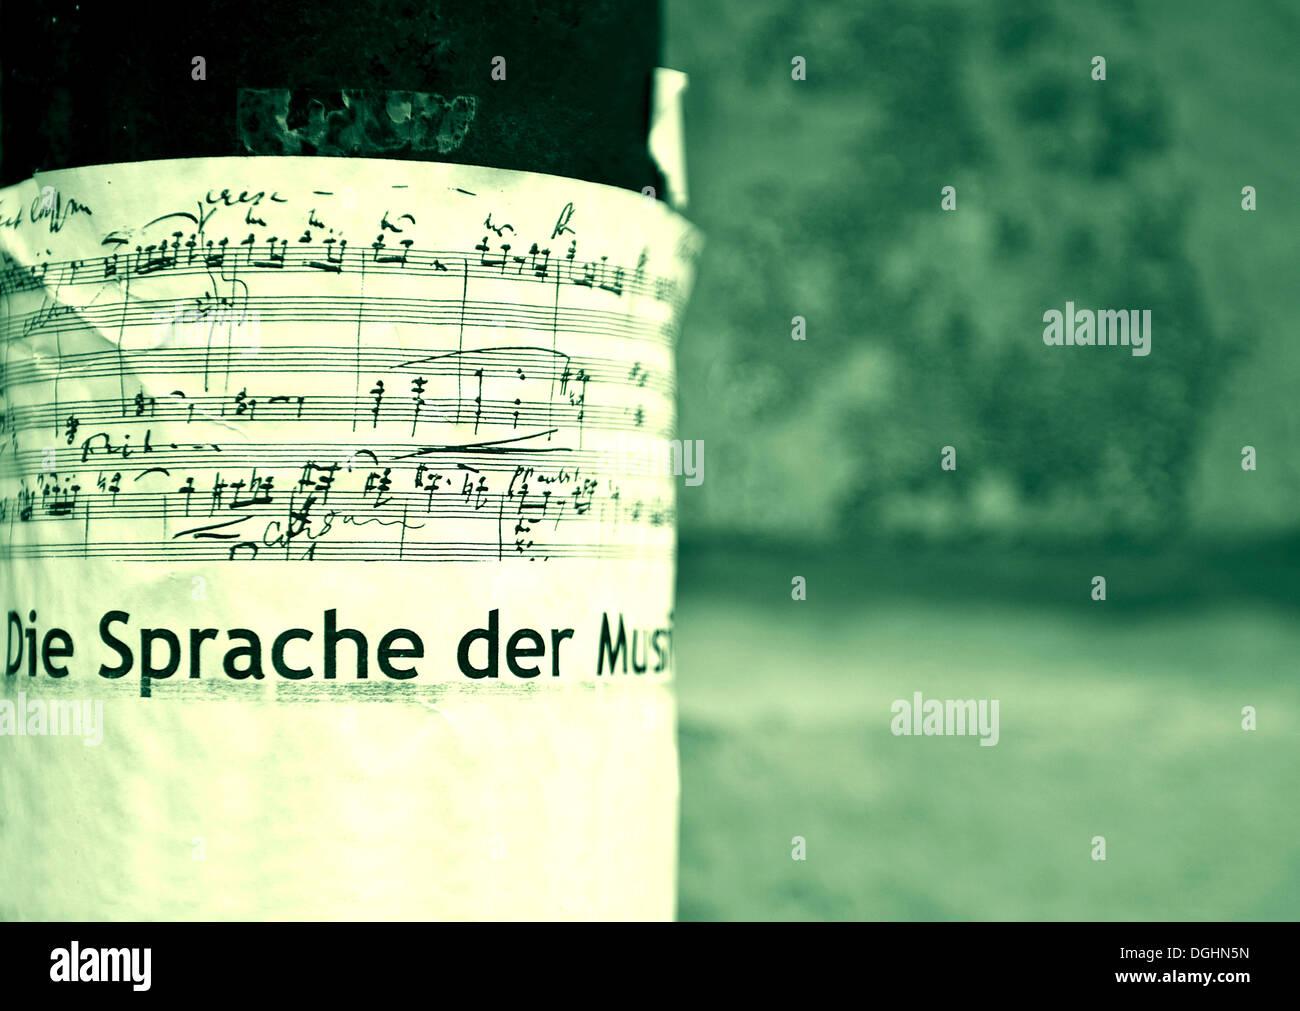 """Plakat auf Musik, """"Die Sprache der Musik"""", Deutsch für """"Sprache der Musik Stockbild"""